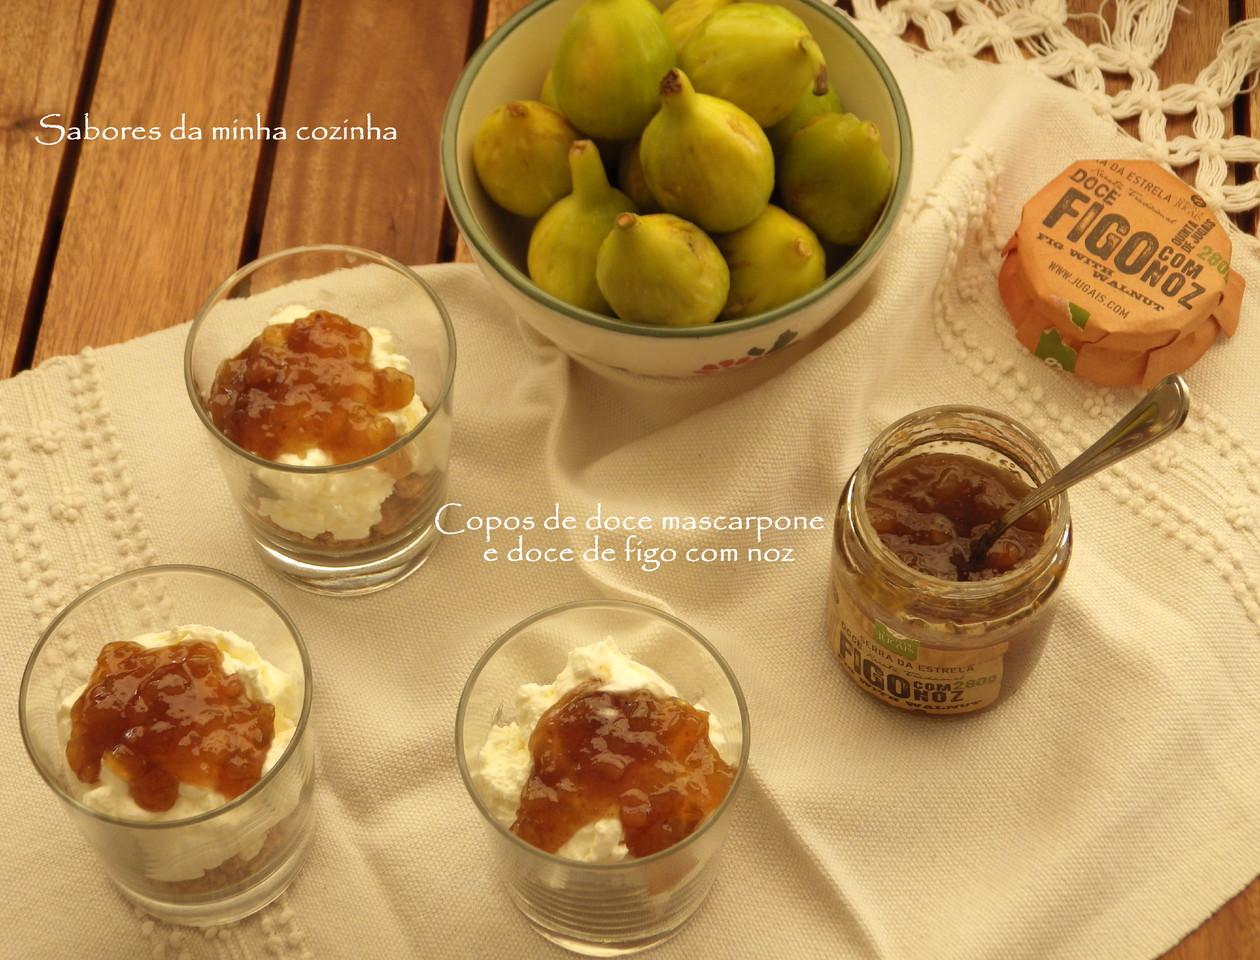 IMGP5202-doce mascarpone com doce de figos e noz-B